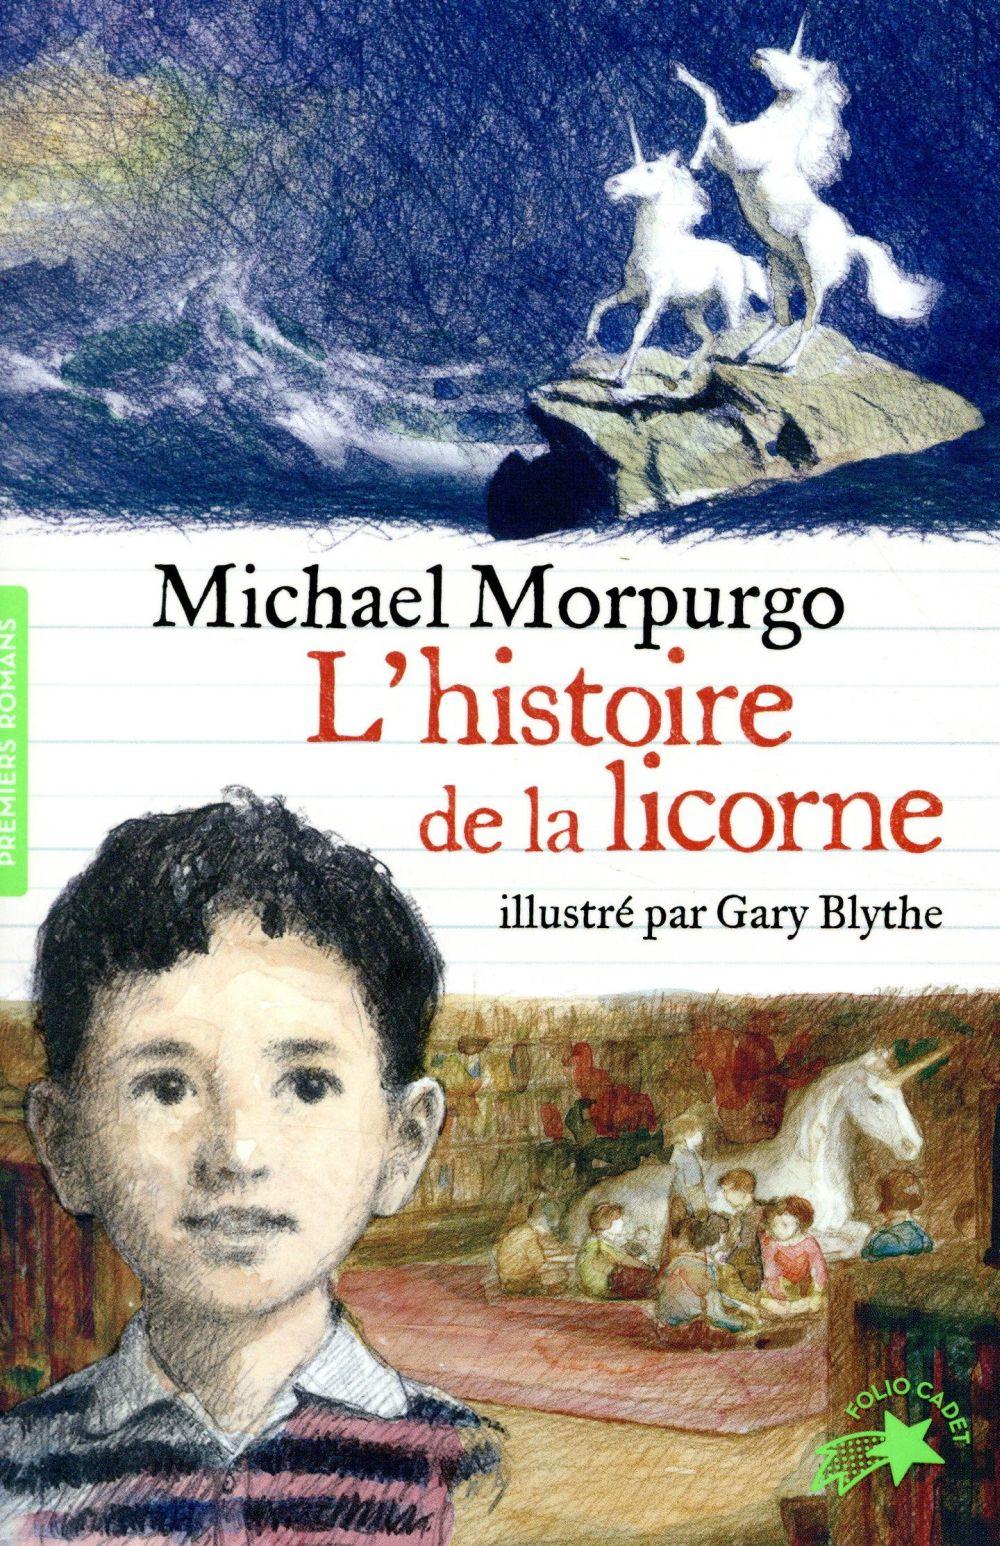 L'HISTOIRE DE LA LICORNE